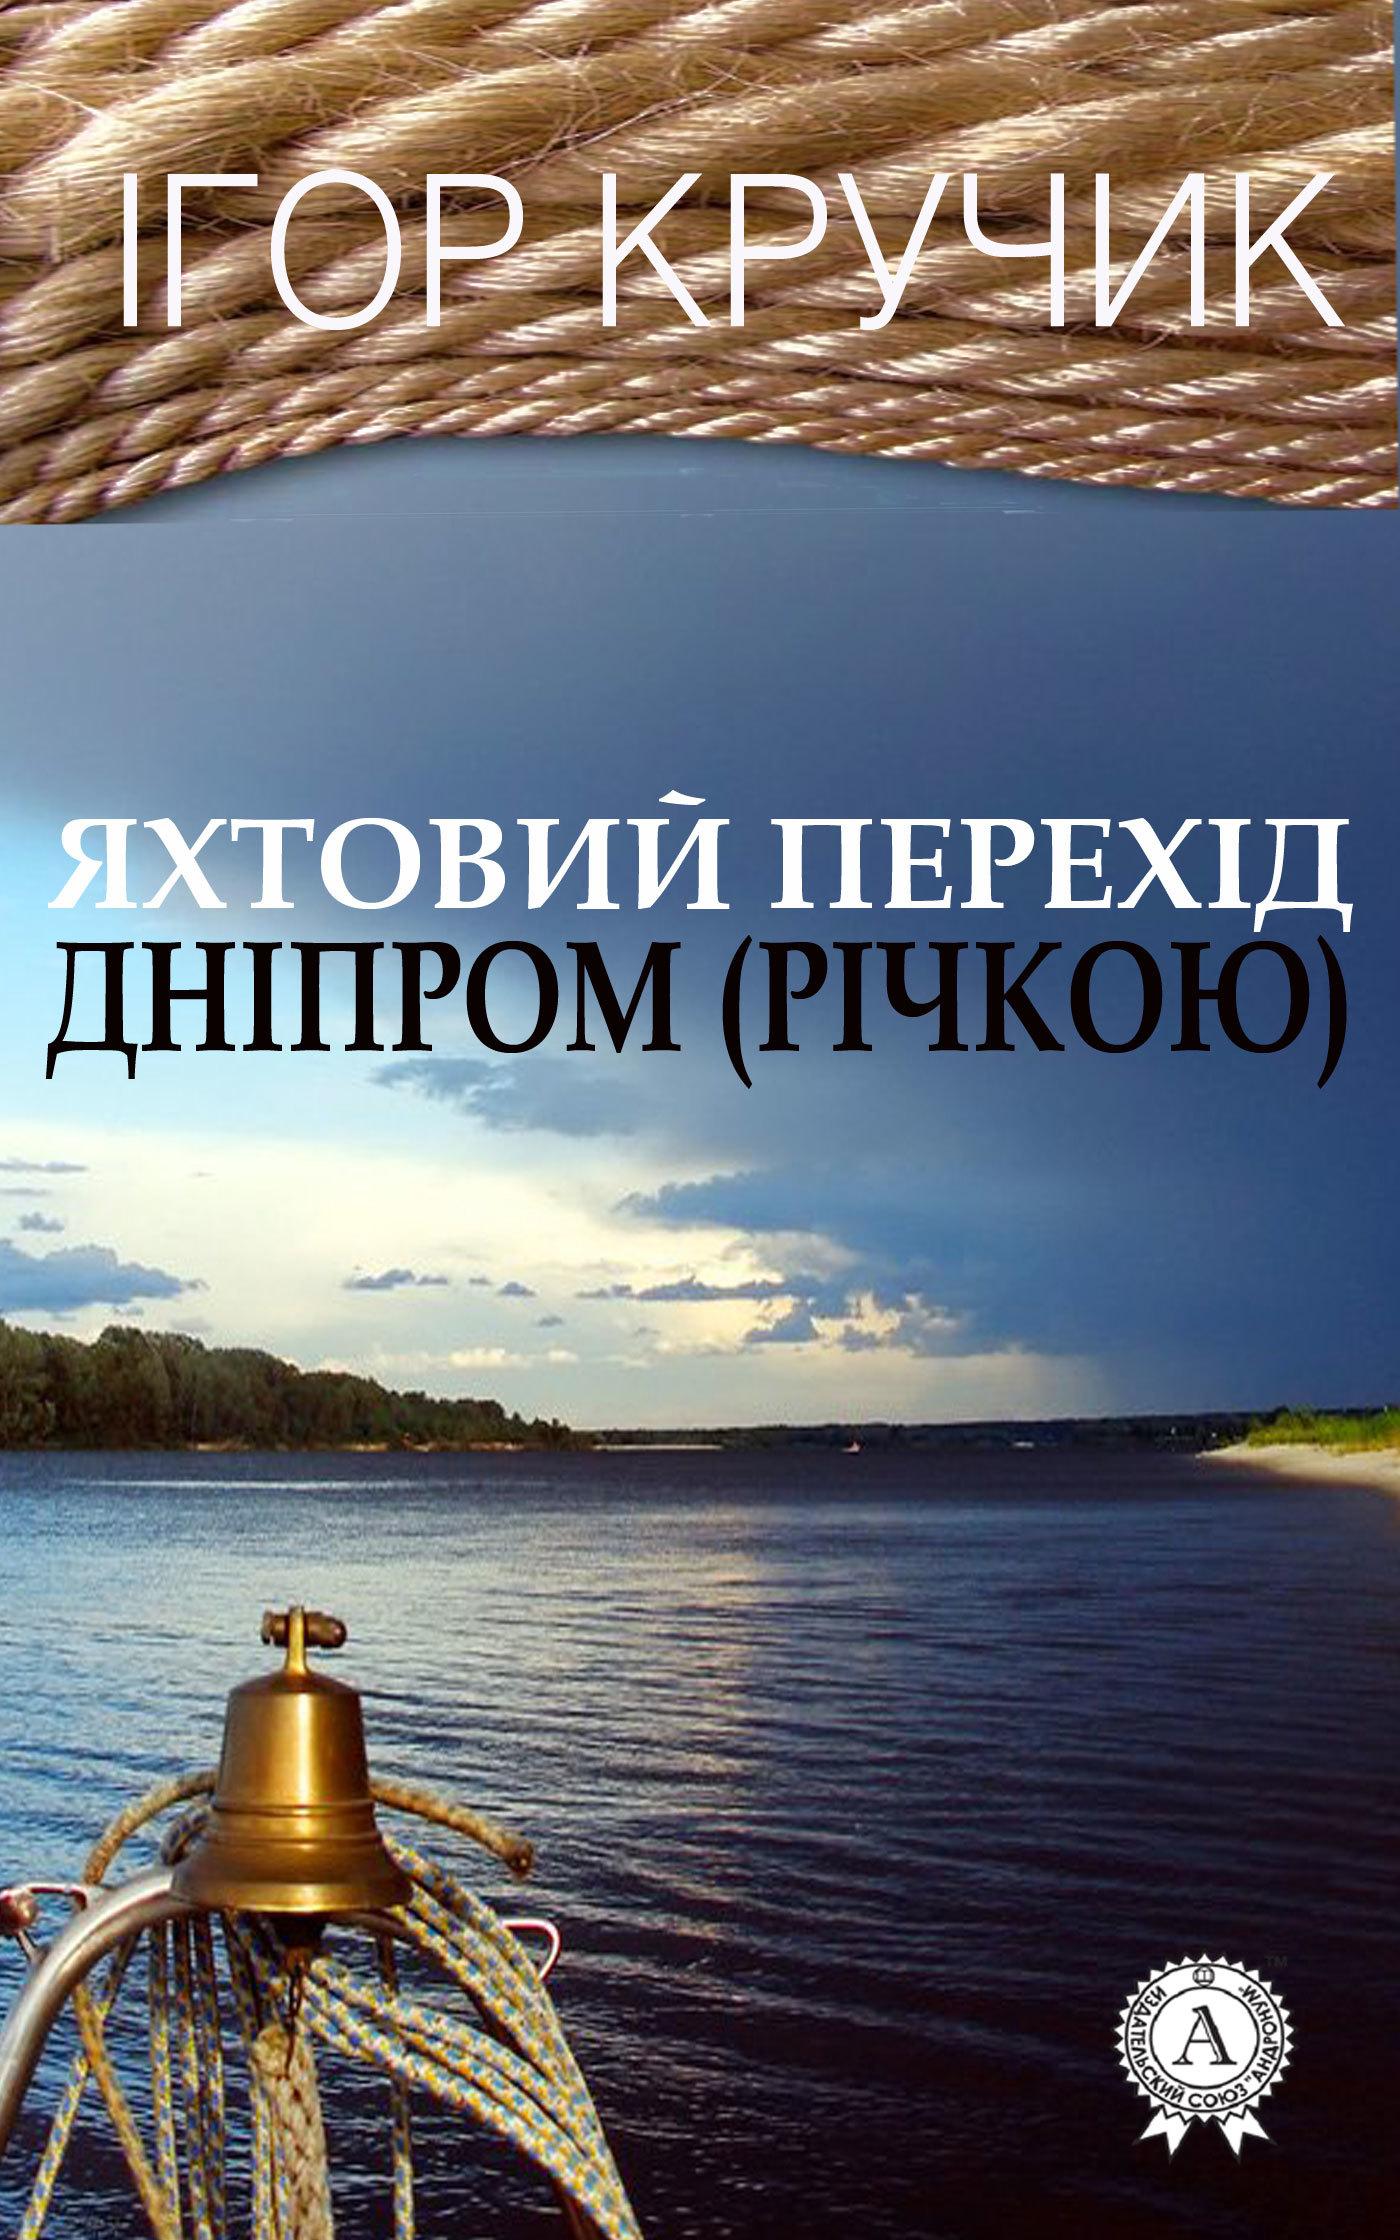 Ігор Кручик Яхтовий перехід Дніпром (річкою) цена